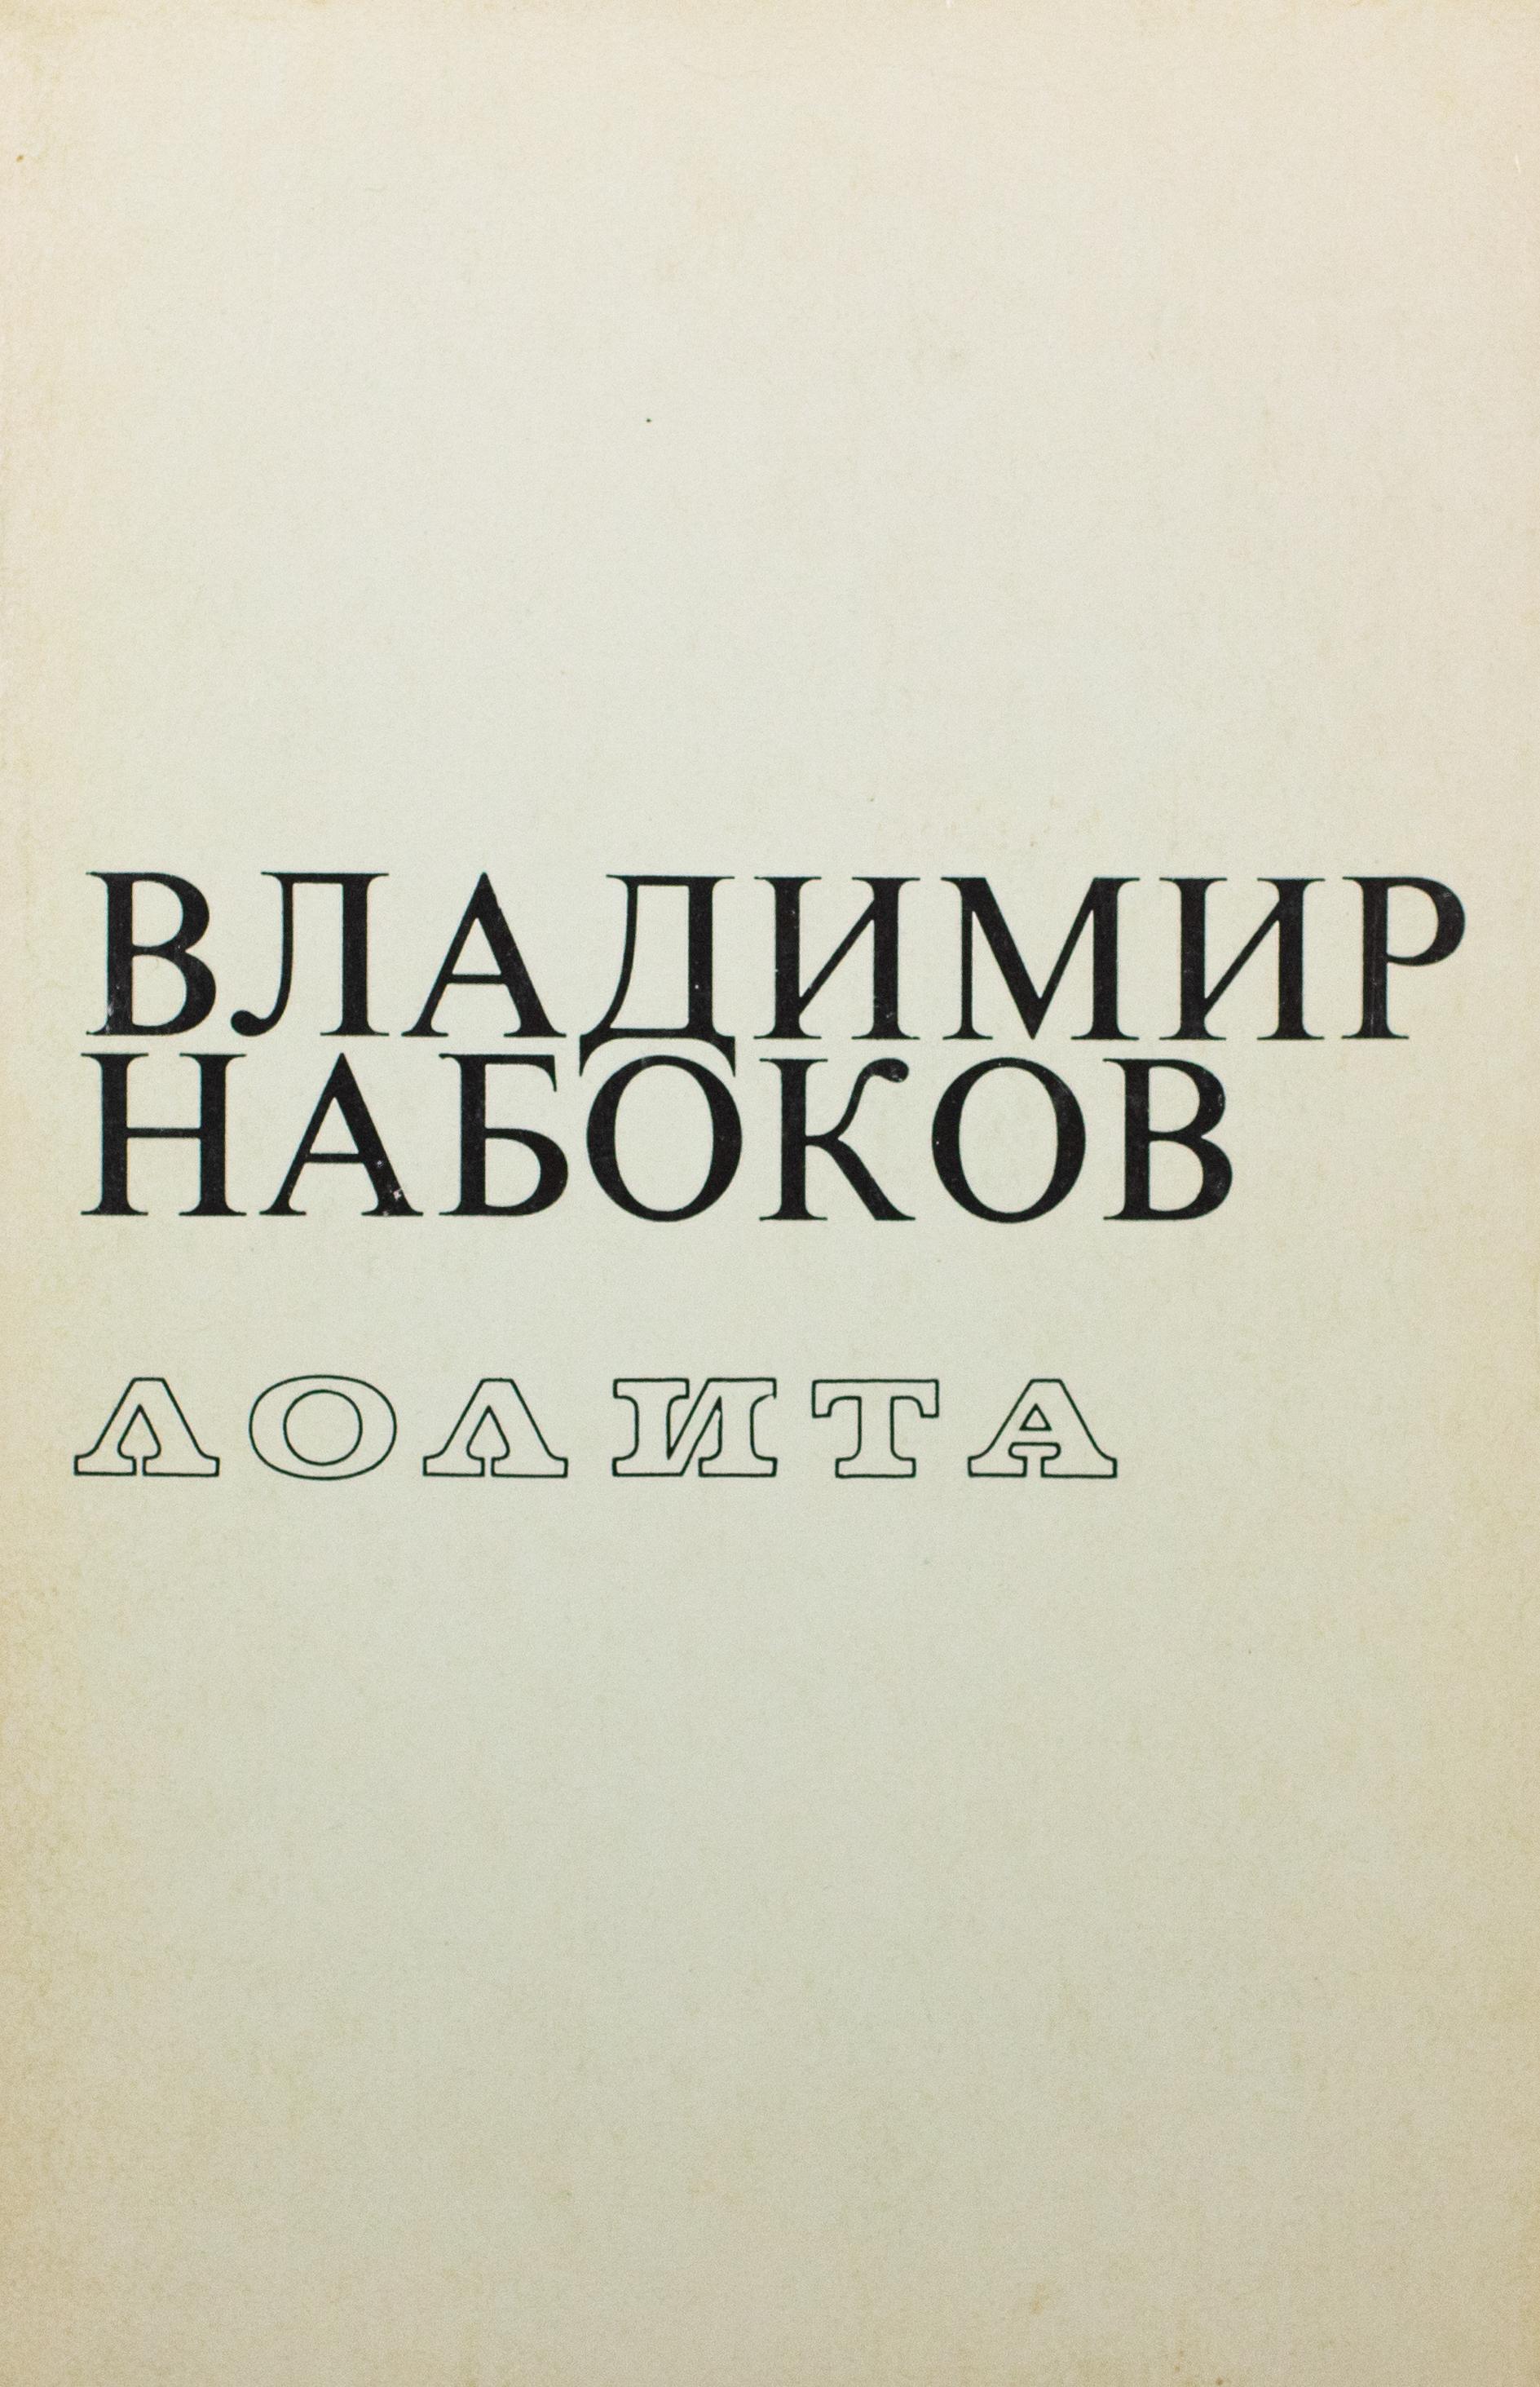 Lot 433 - NABOKOV, Vladimir. Lolita. Traduit de l'anglais par l'auteur. Ann Arbor: Ardis, [...]